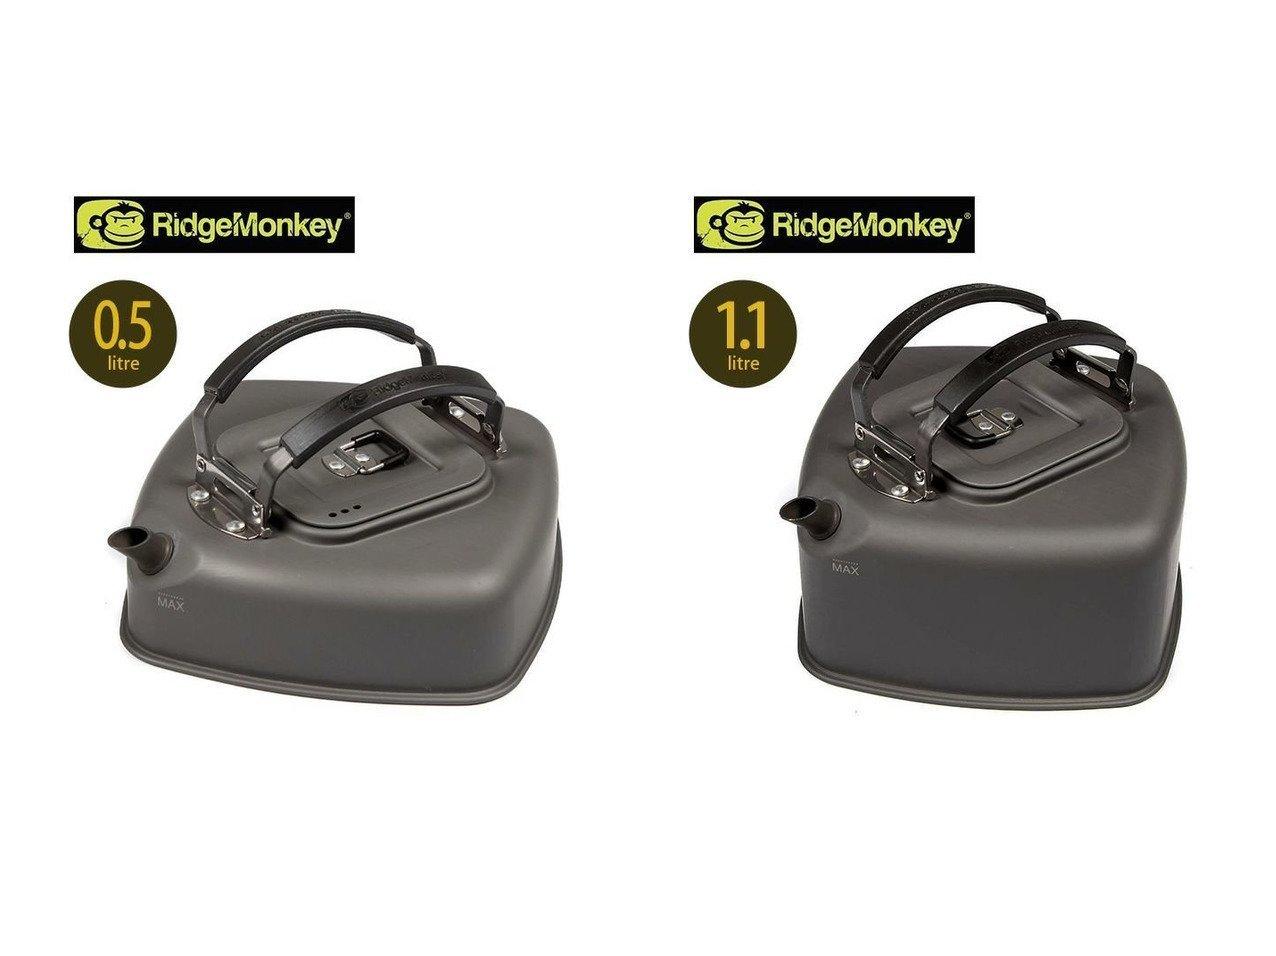 【RidgeMonkey/リッジモンキー】のスクエアケトルスモール0.5L&スクエアケトルラージ1.1L おすすめ!人気キャンプ・アウトドア用品の通販 おすすめで人気の流行・トレンド、ファッションの通販商品 インテリア・家具・メンズファッション・キッズファッション・レディースファッション・服の通販 founy(ファニー) https://founy.com/ おすすめ Recommend タンク 軽量 ホーム・キャンプ・アウトドア Home,Garden,Outdoor,Camping Gear キャンプ用品・アウトドア  Camping Gear & Outdoor Supplies その他 雑貨 小物 Camping Tools |ID:crp329100000046248